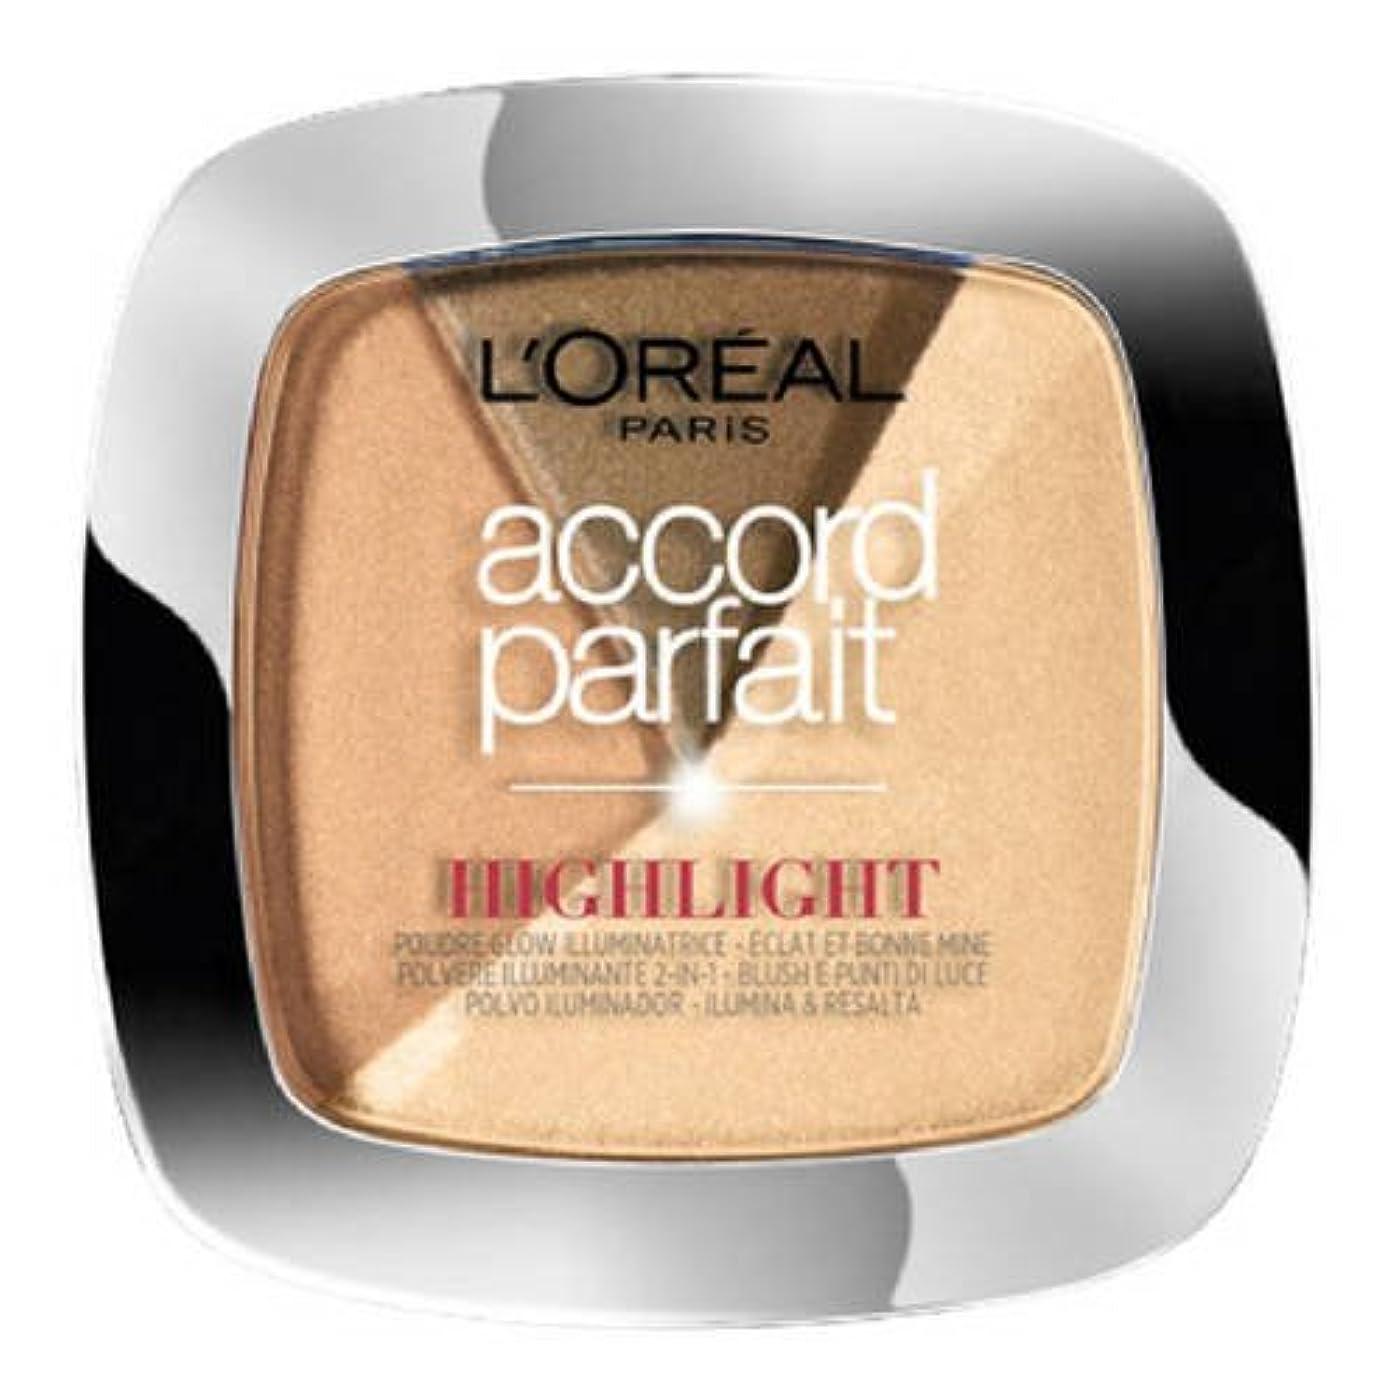 豪華なアブセイ取り組むL 'Oréal Paris - ACCORD PARFAIT Highlight Enlumineur Poudre - 102 Dore